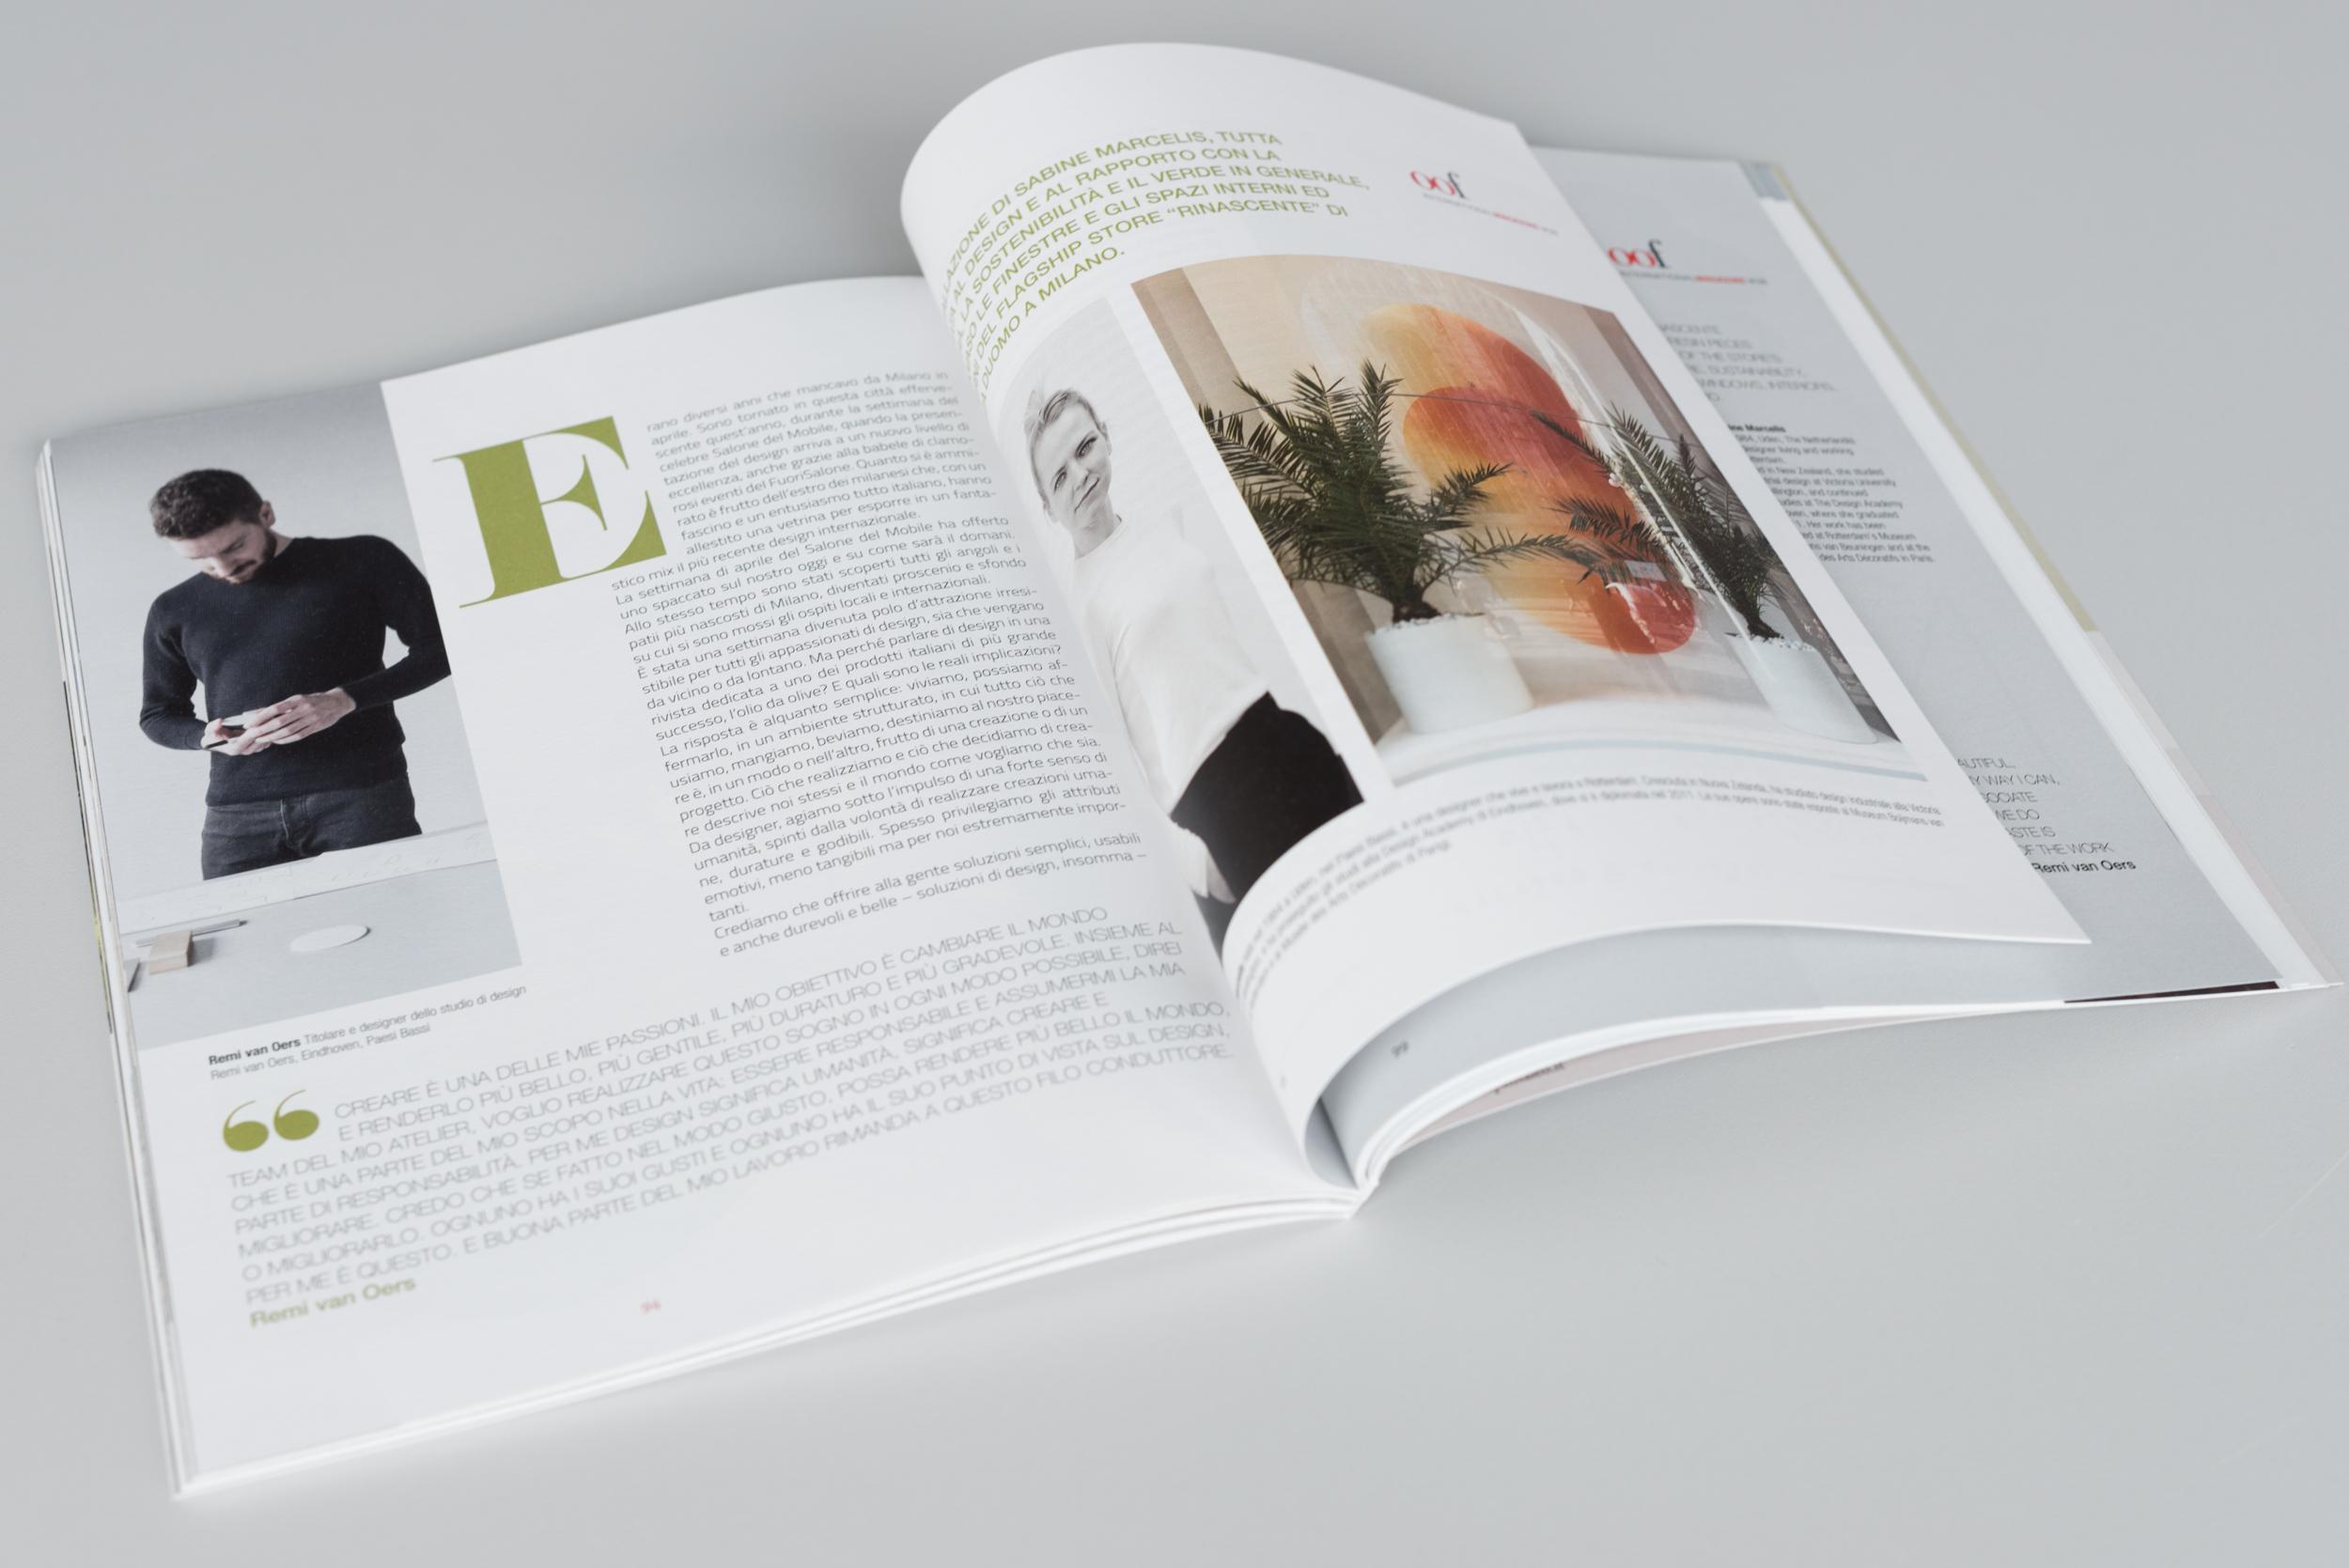 OLIOOFFICINA -OOF- Olio Officina magazine Remi van Oers 4.jpg